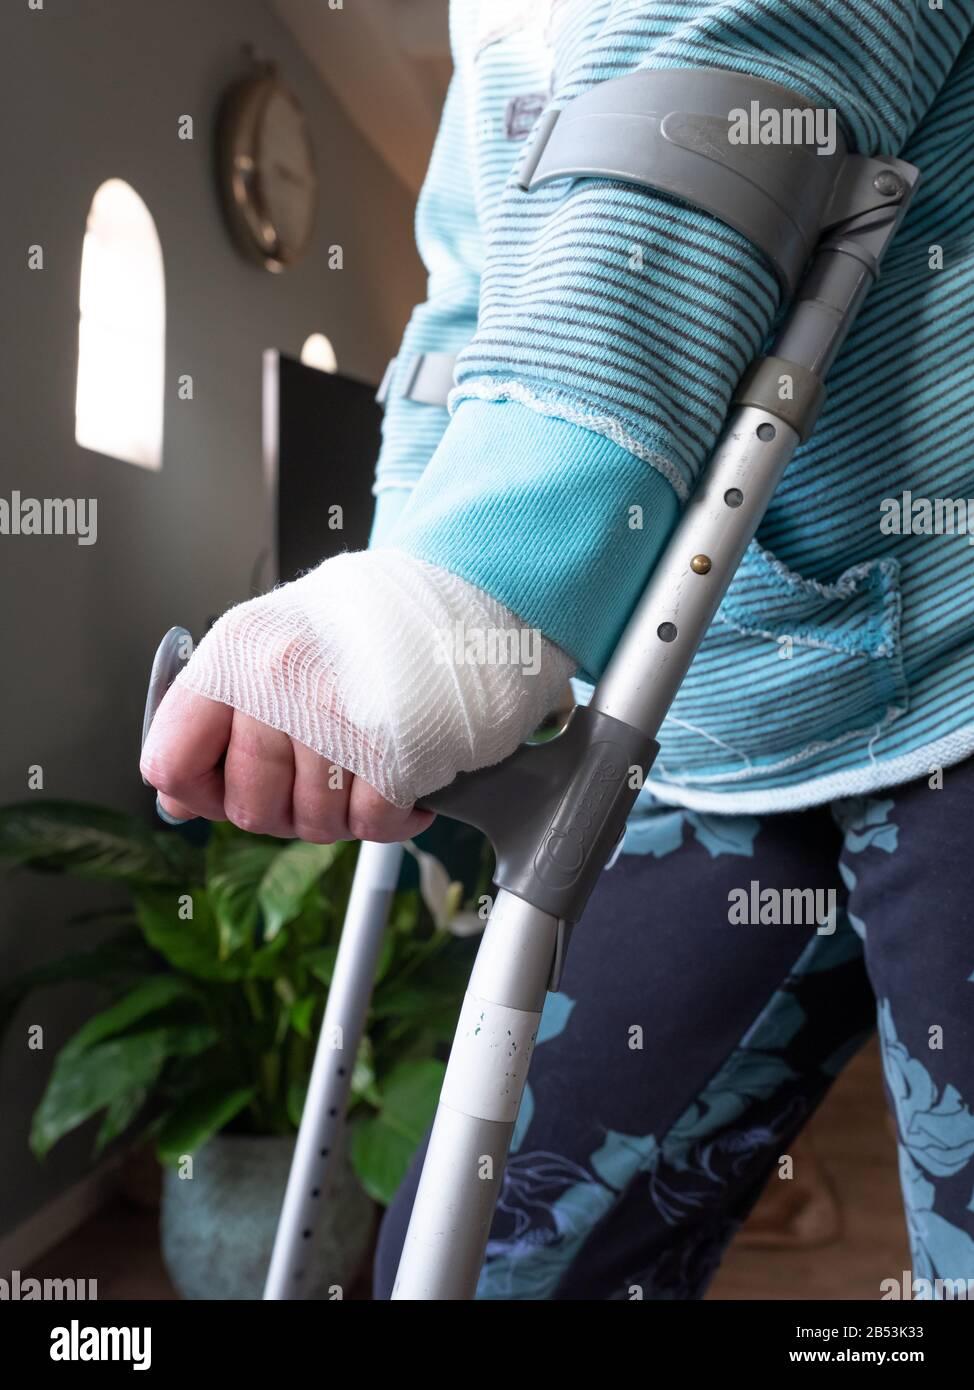 Gips krücken gebrochen bein Wie lange